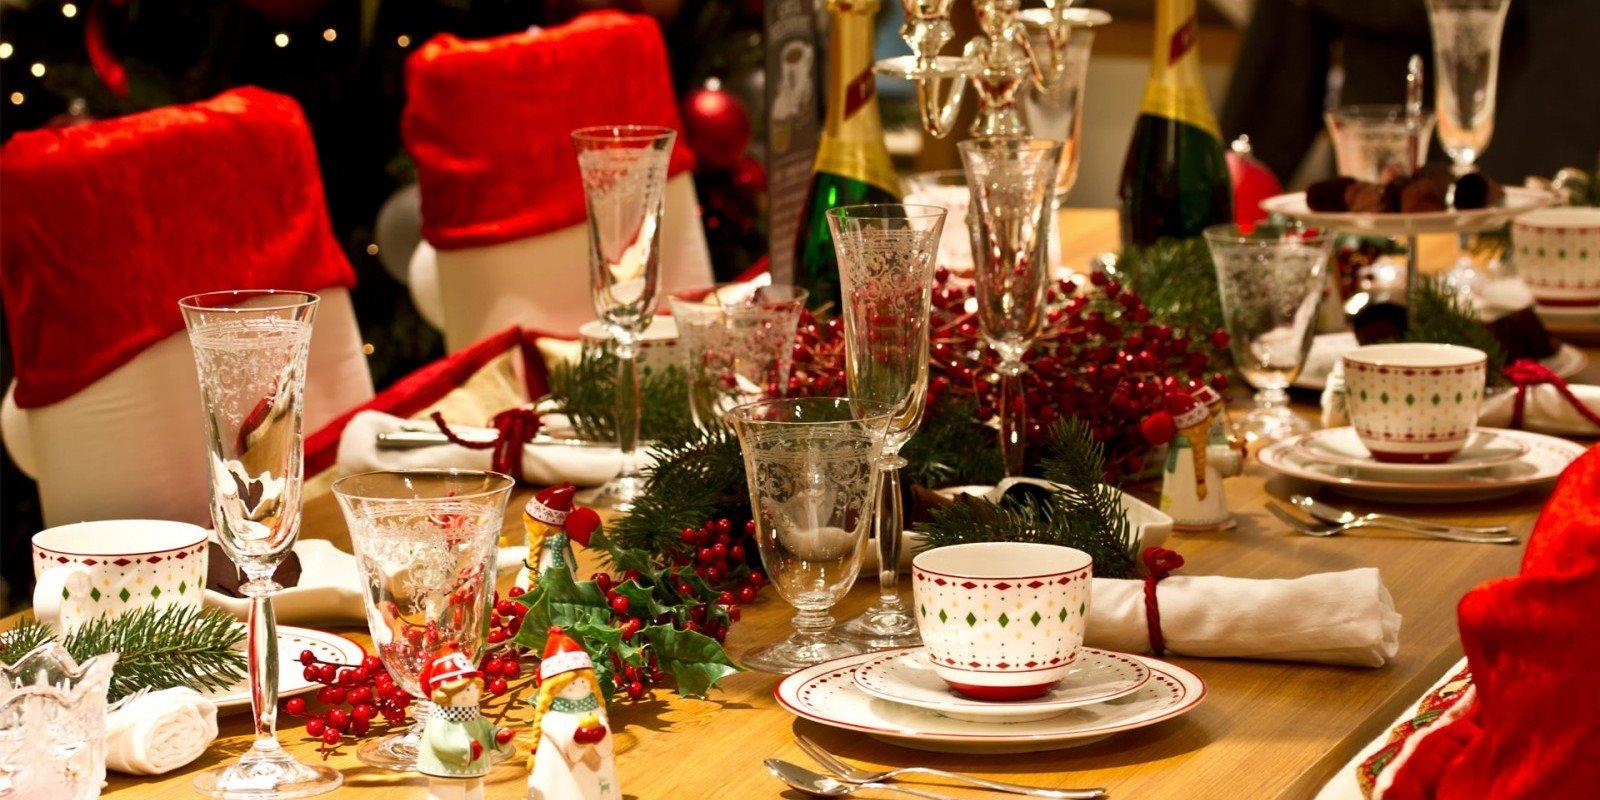 Natale, per il cenone e il pranzo gli italiani hanno speso 2,8 miliardi